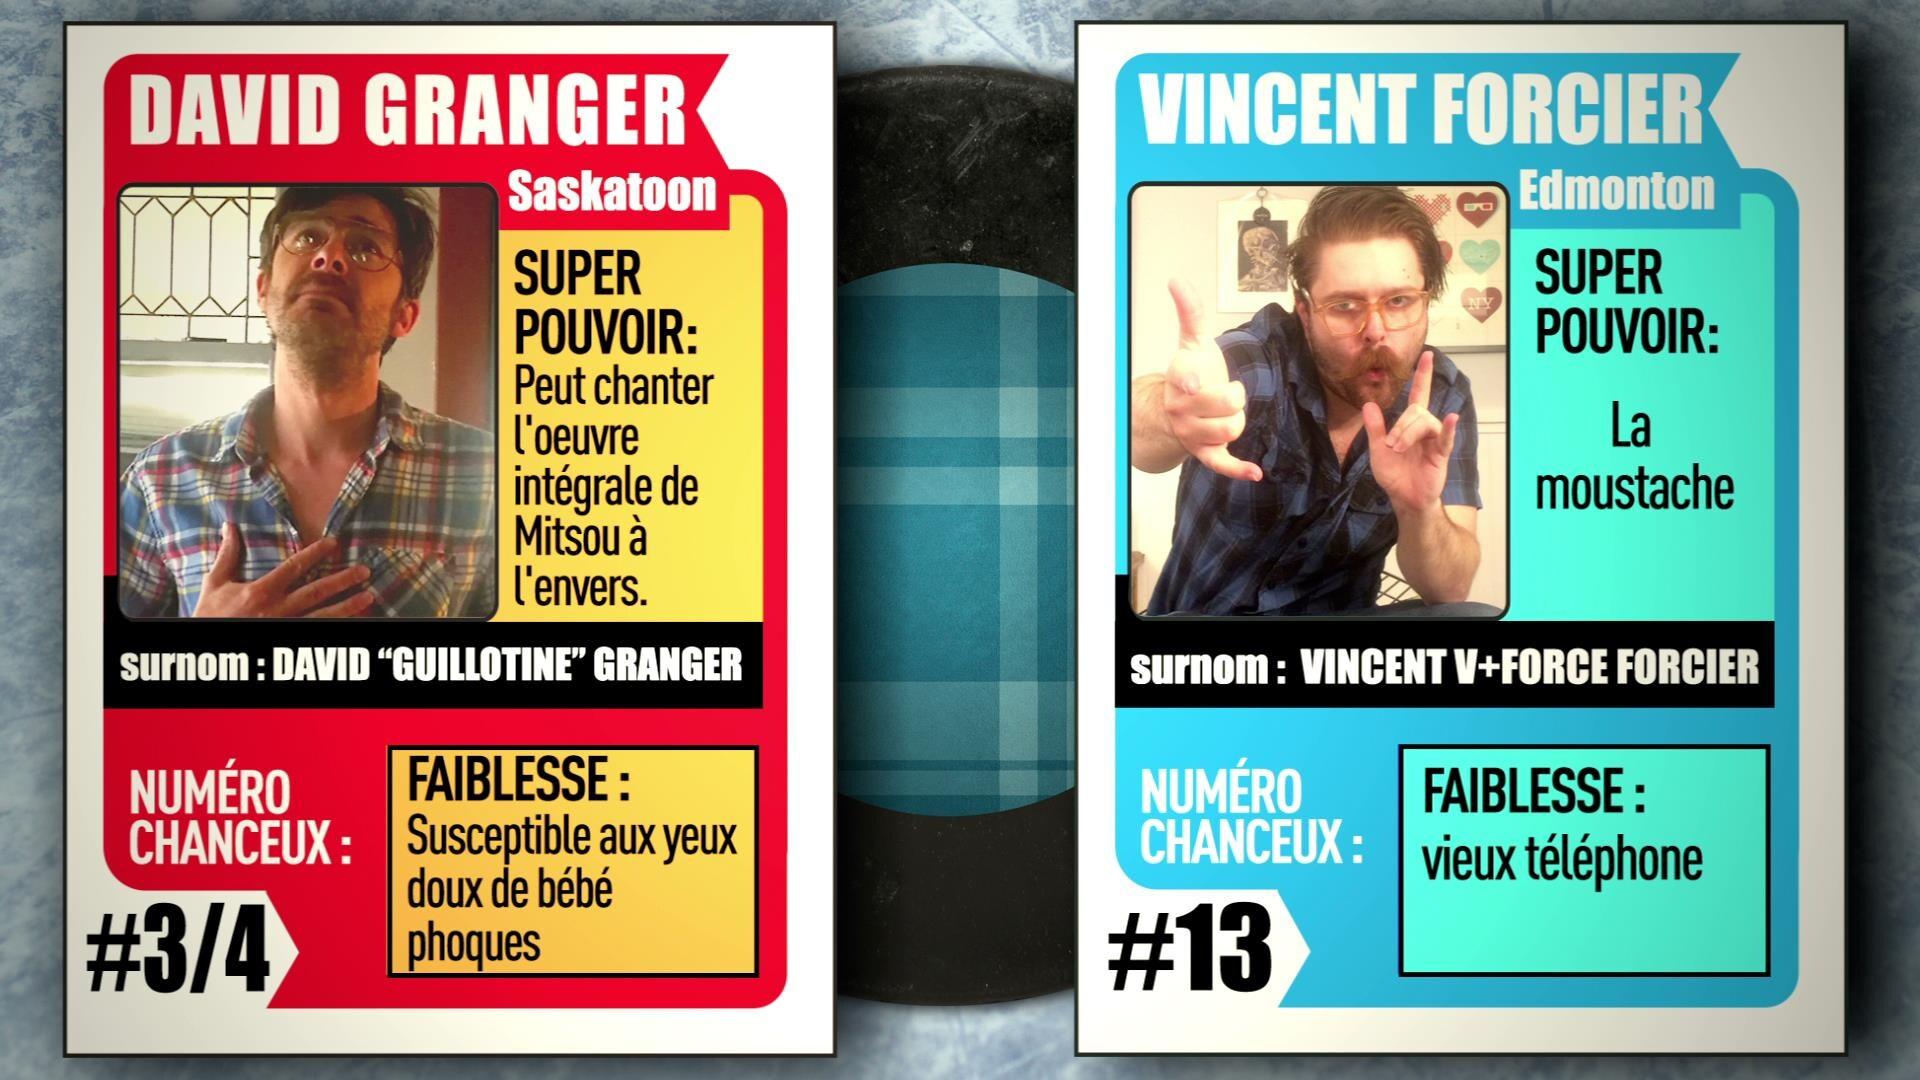 Deux cartes de hockey avec les membres de l'équipe des carreautés du match d'impro virtuel: IMPROVISIO. Il s'agit de David Granger et de Vincent Forcier.